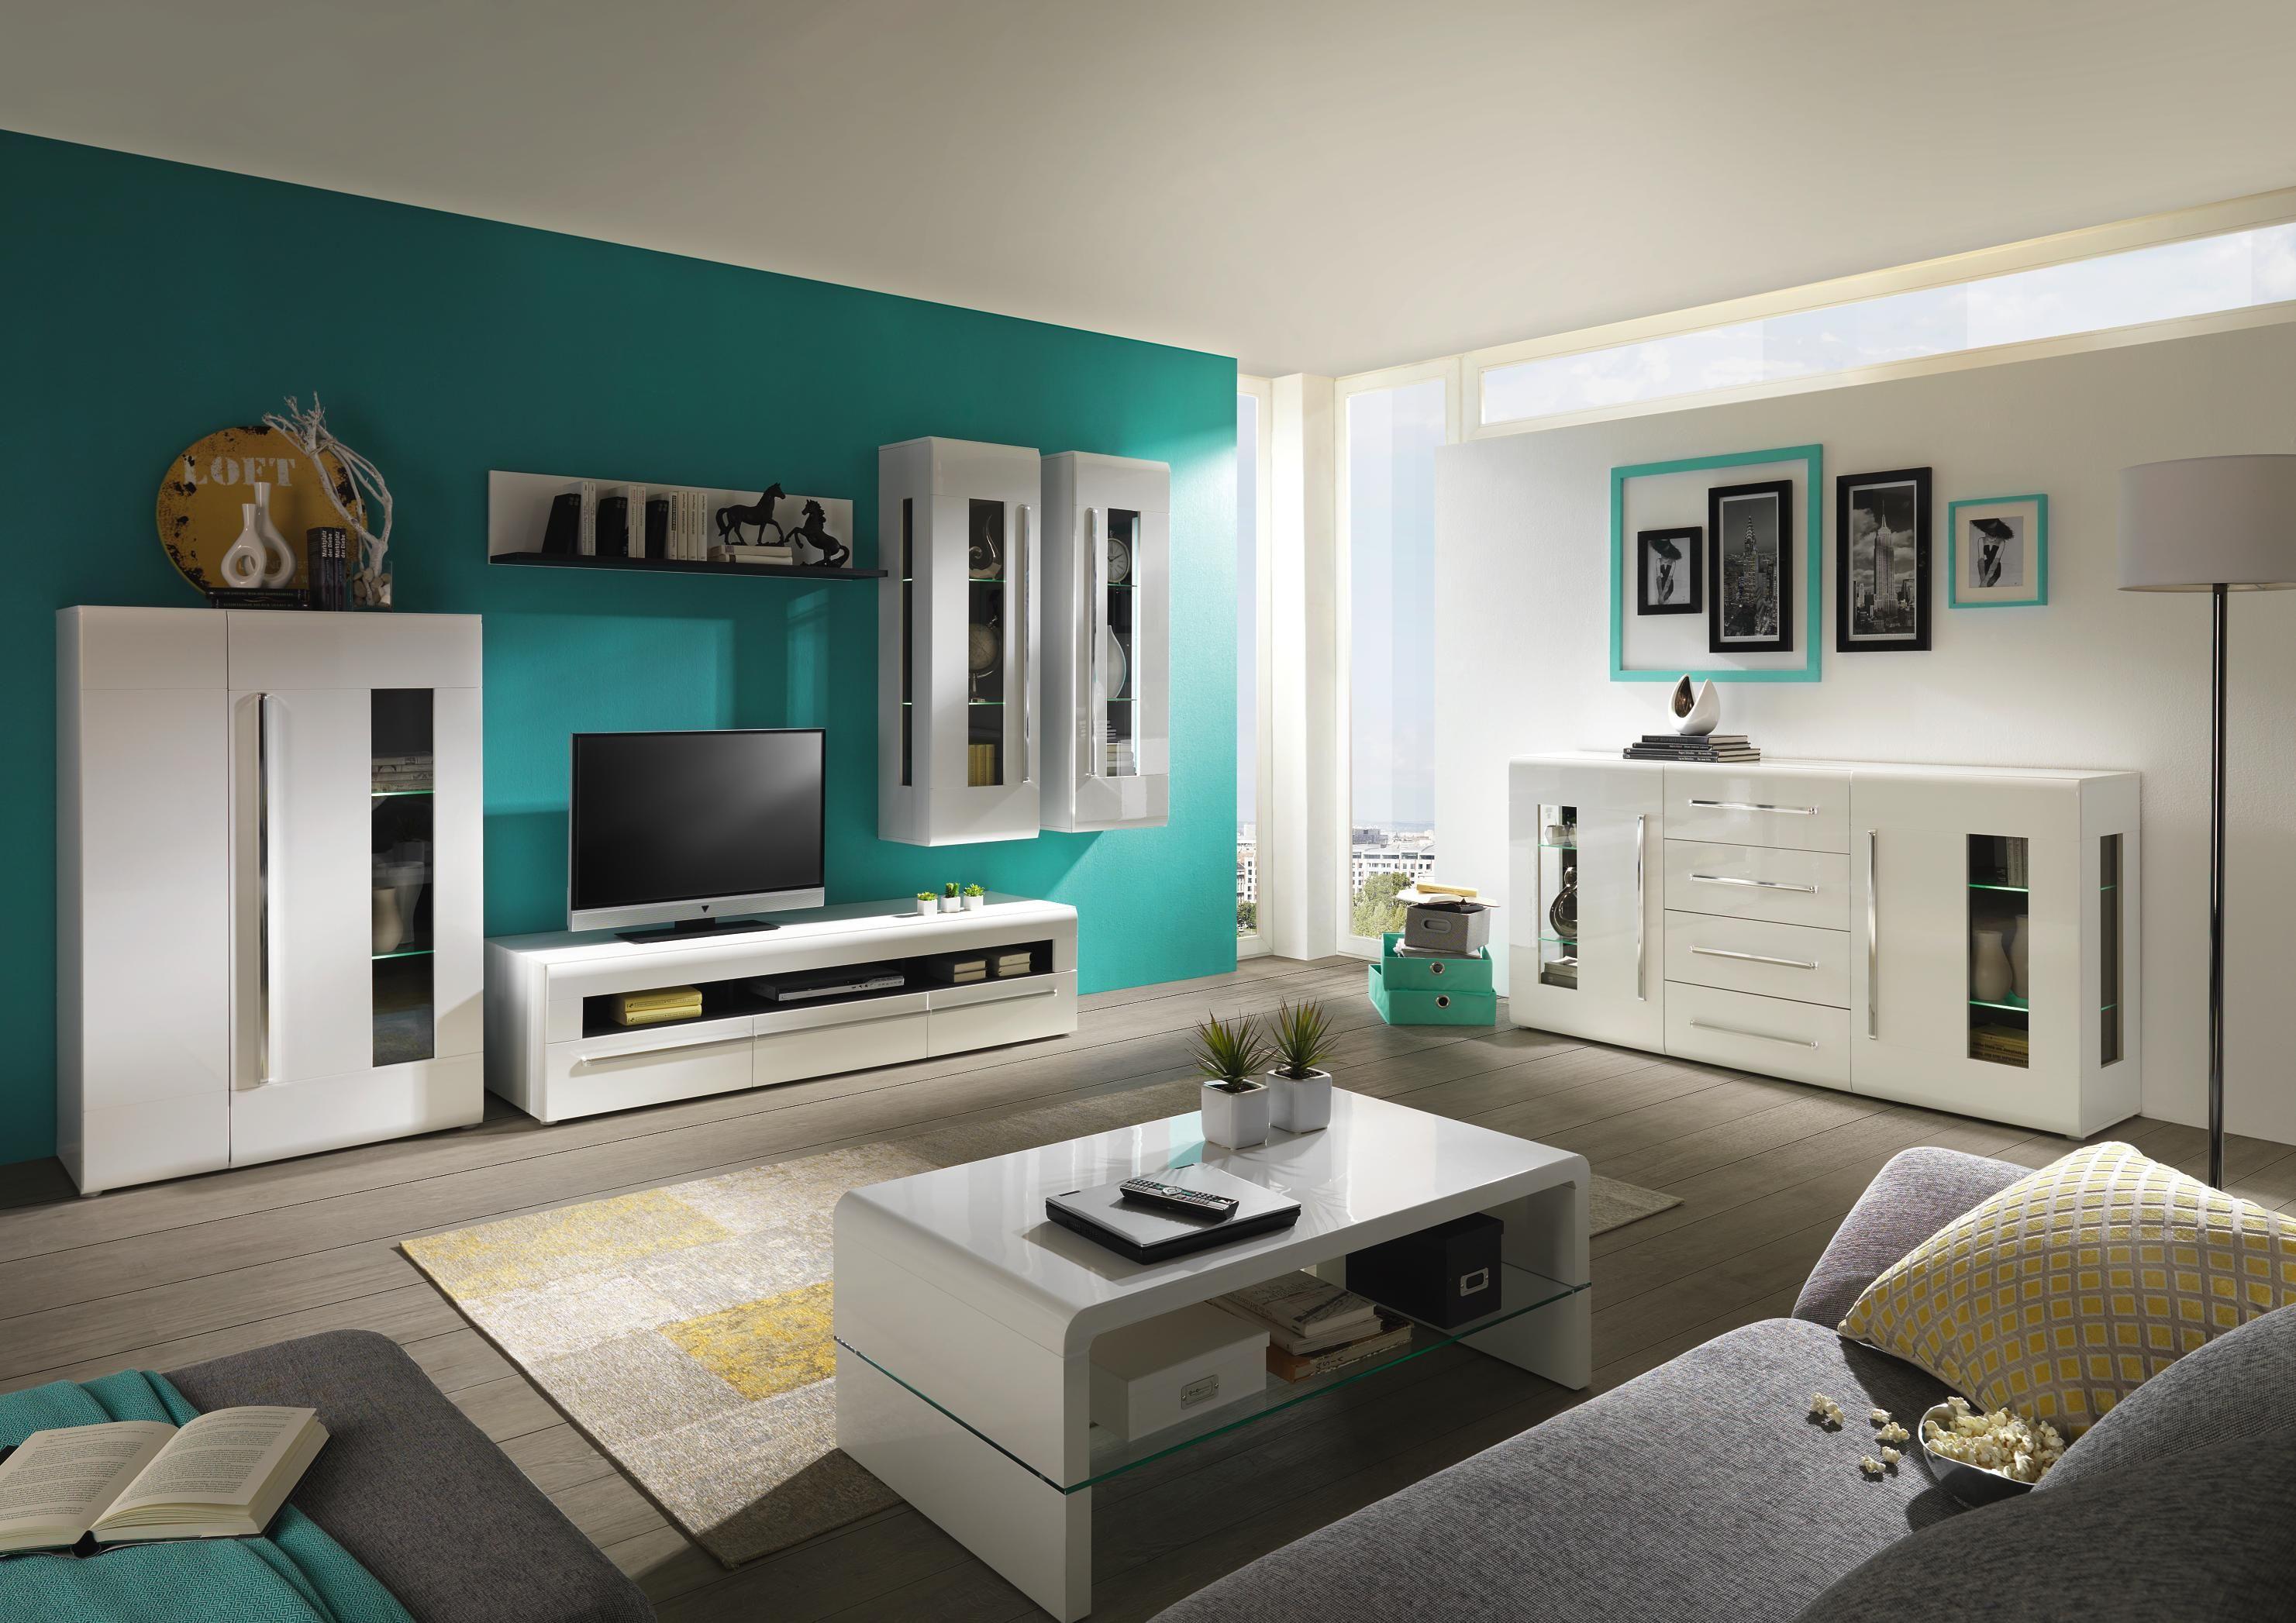 Gro z gige wohnwand in wei f r ihr modernes wohnzimmer for Wohnzimmer wohnwand